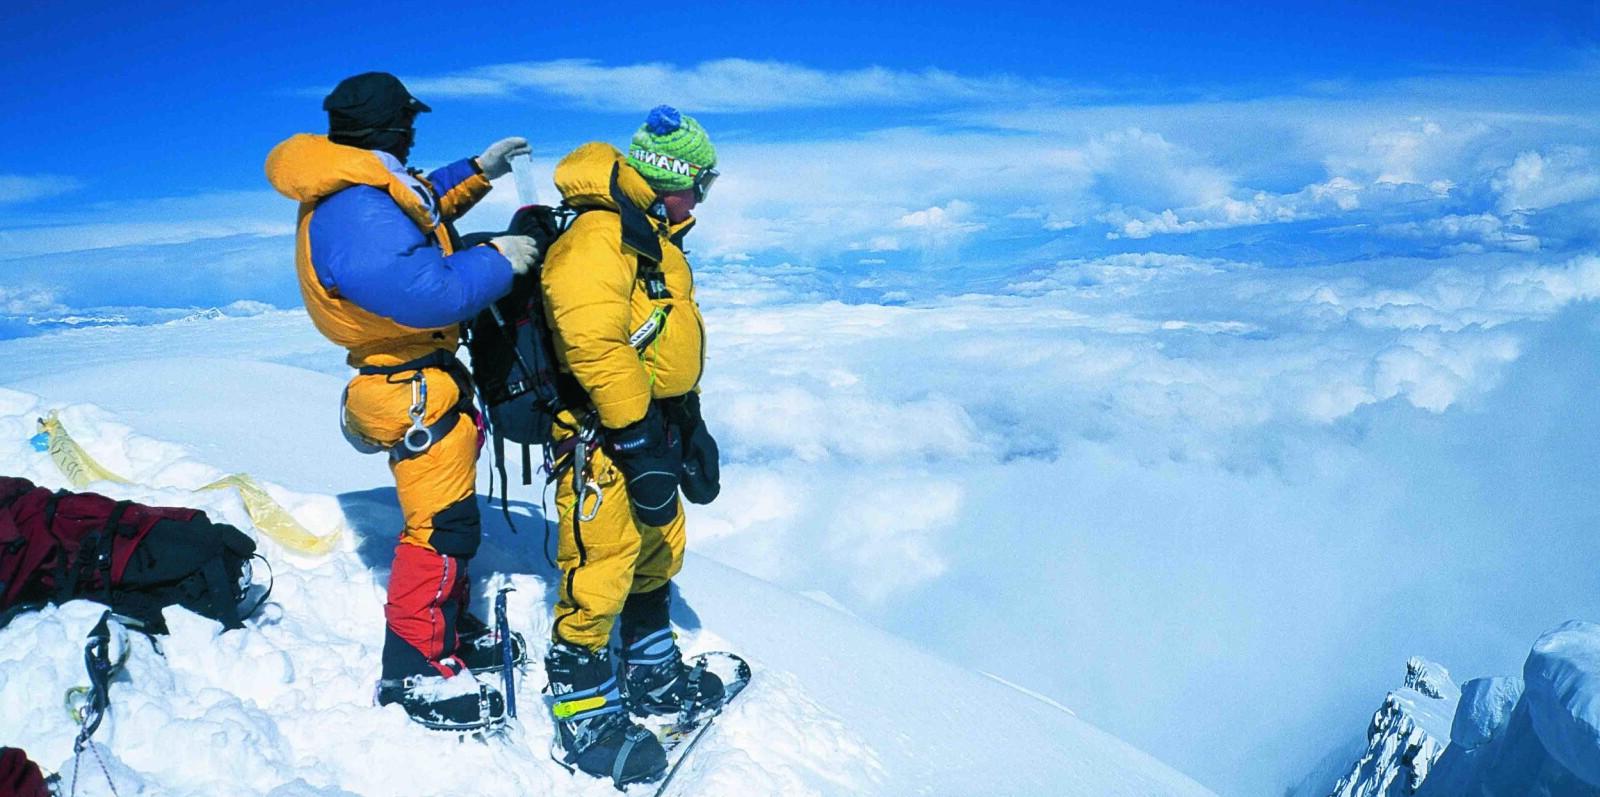 <b>SISTE FORBEREDELSE: </b>For andre gang står 22 år gamle Marco Siffredi på toppen av Mount Everest. Phurba Tashi Sherpa fester en oksygenflaske på ryggen av sliten, men bestemt Marco. Han kommer aldri ned,